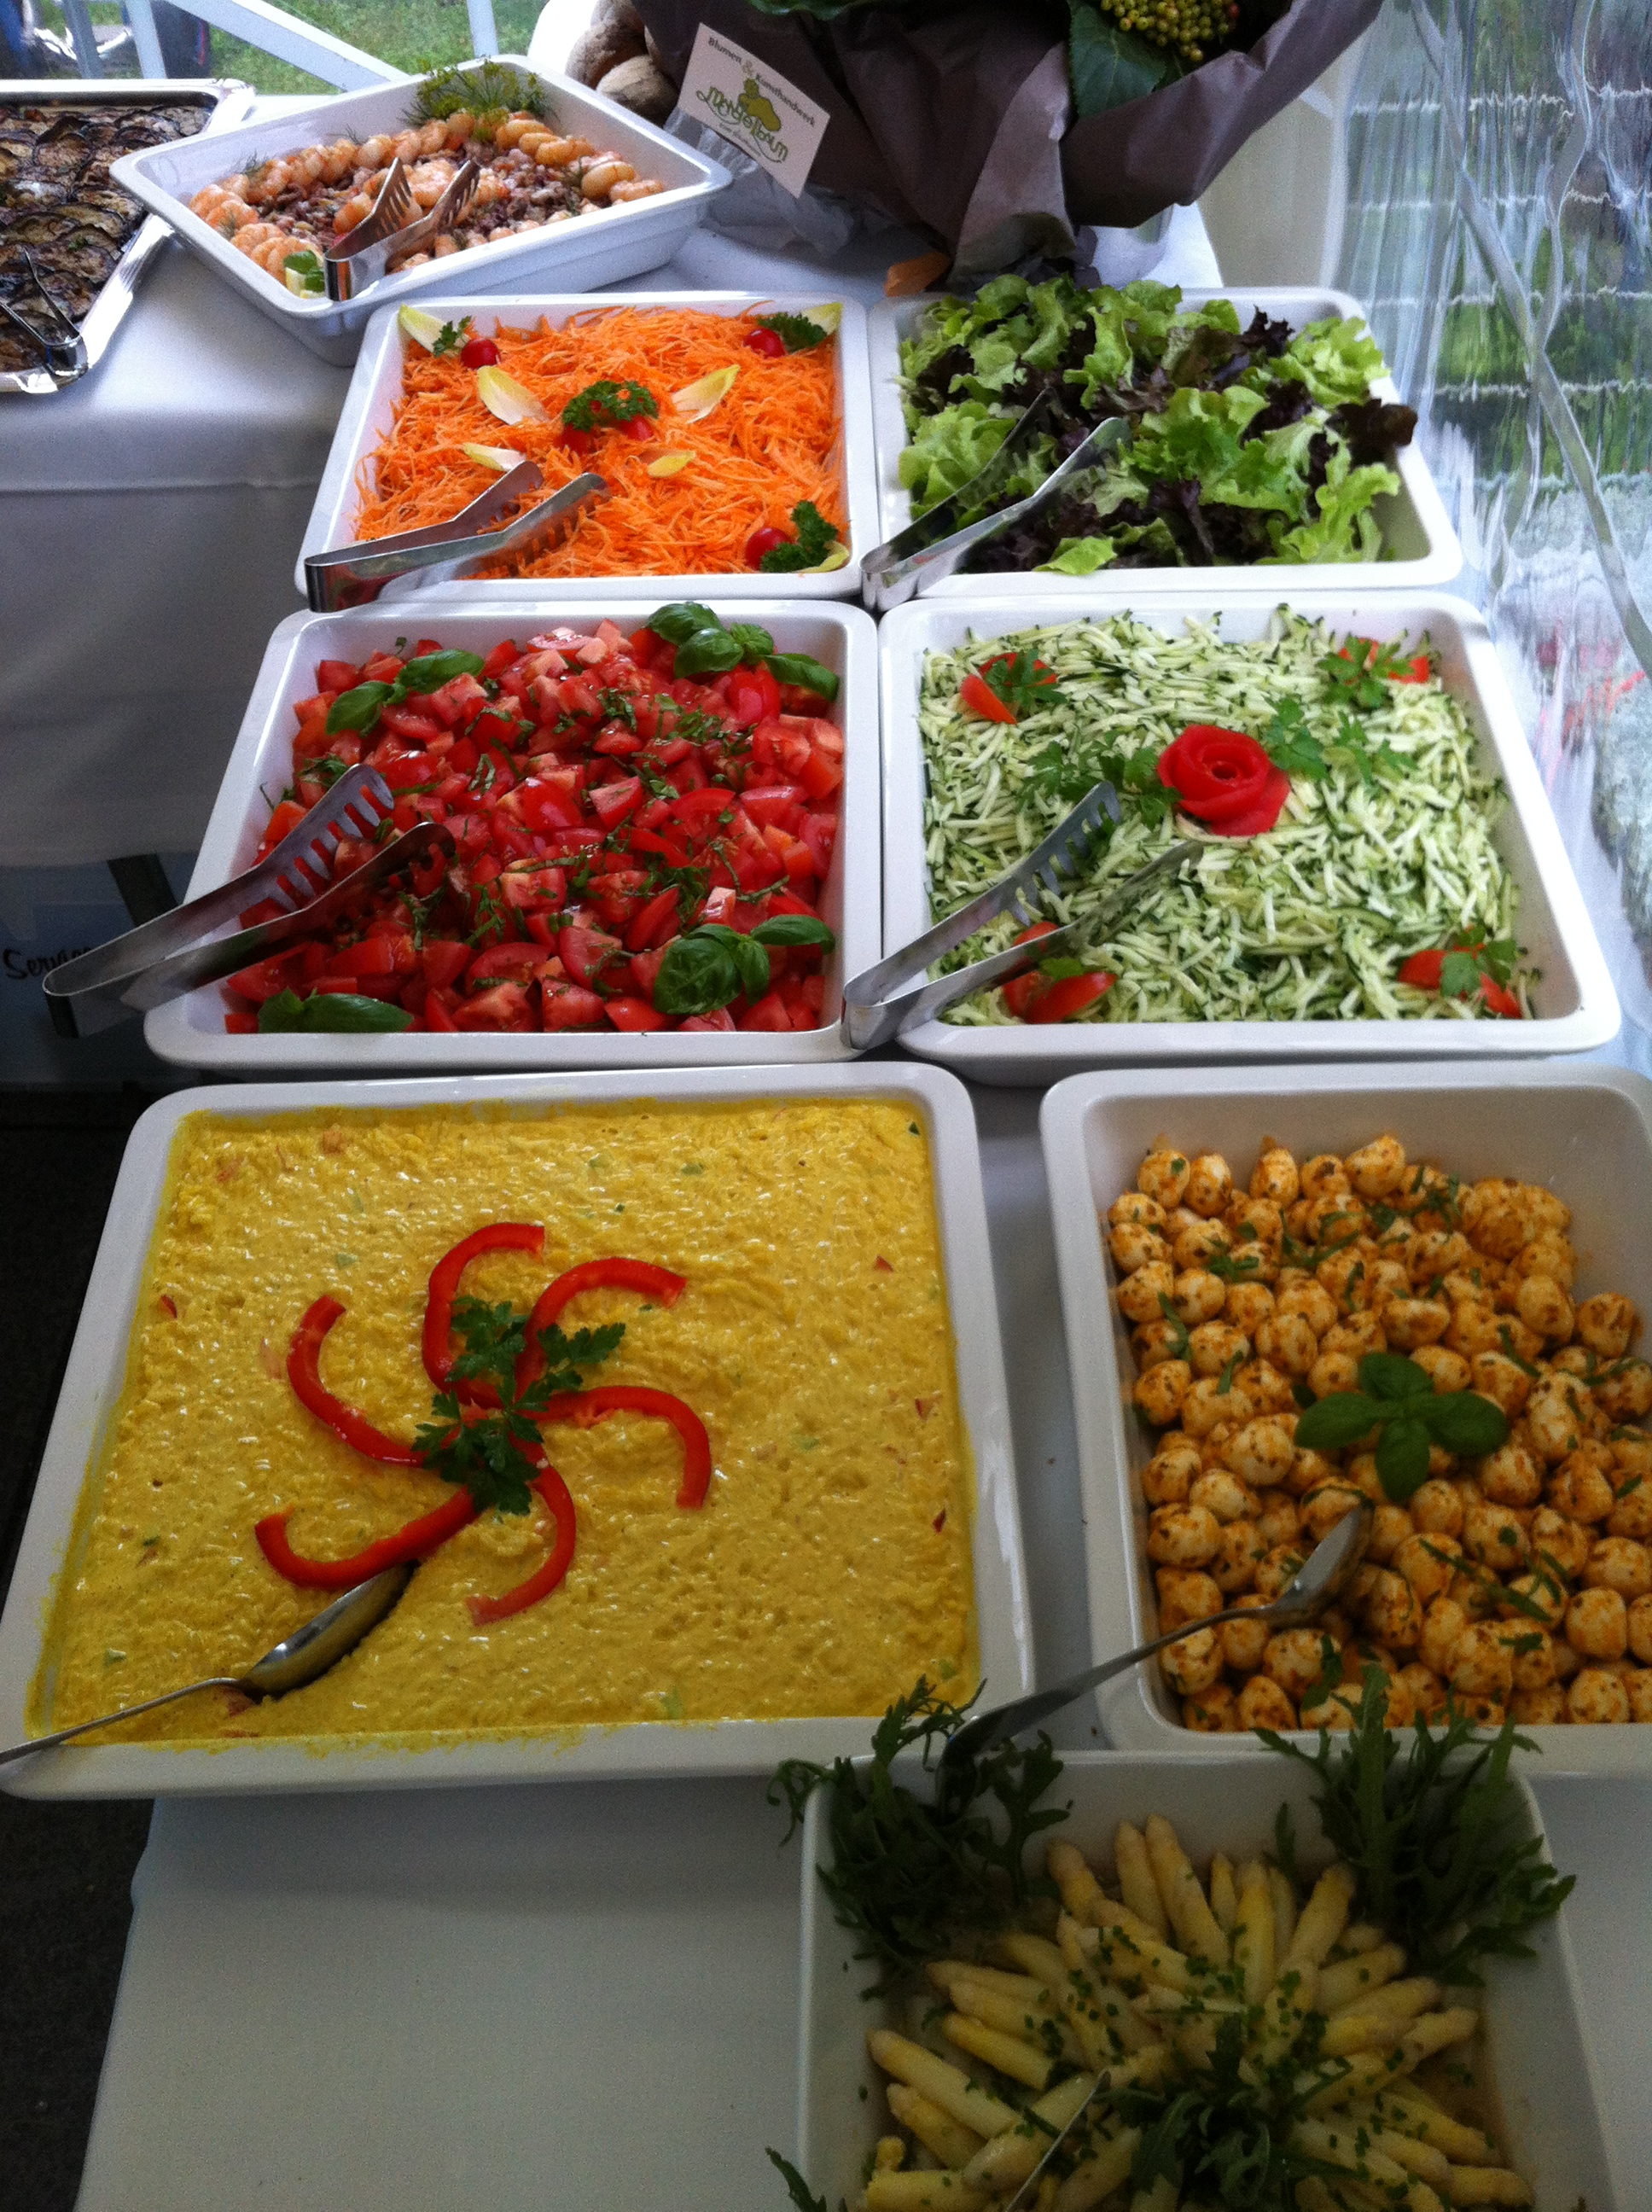 Salatbuffet1.jpg